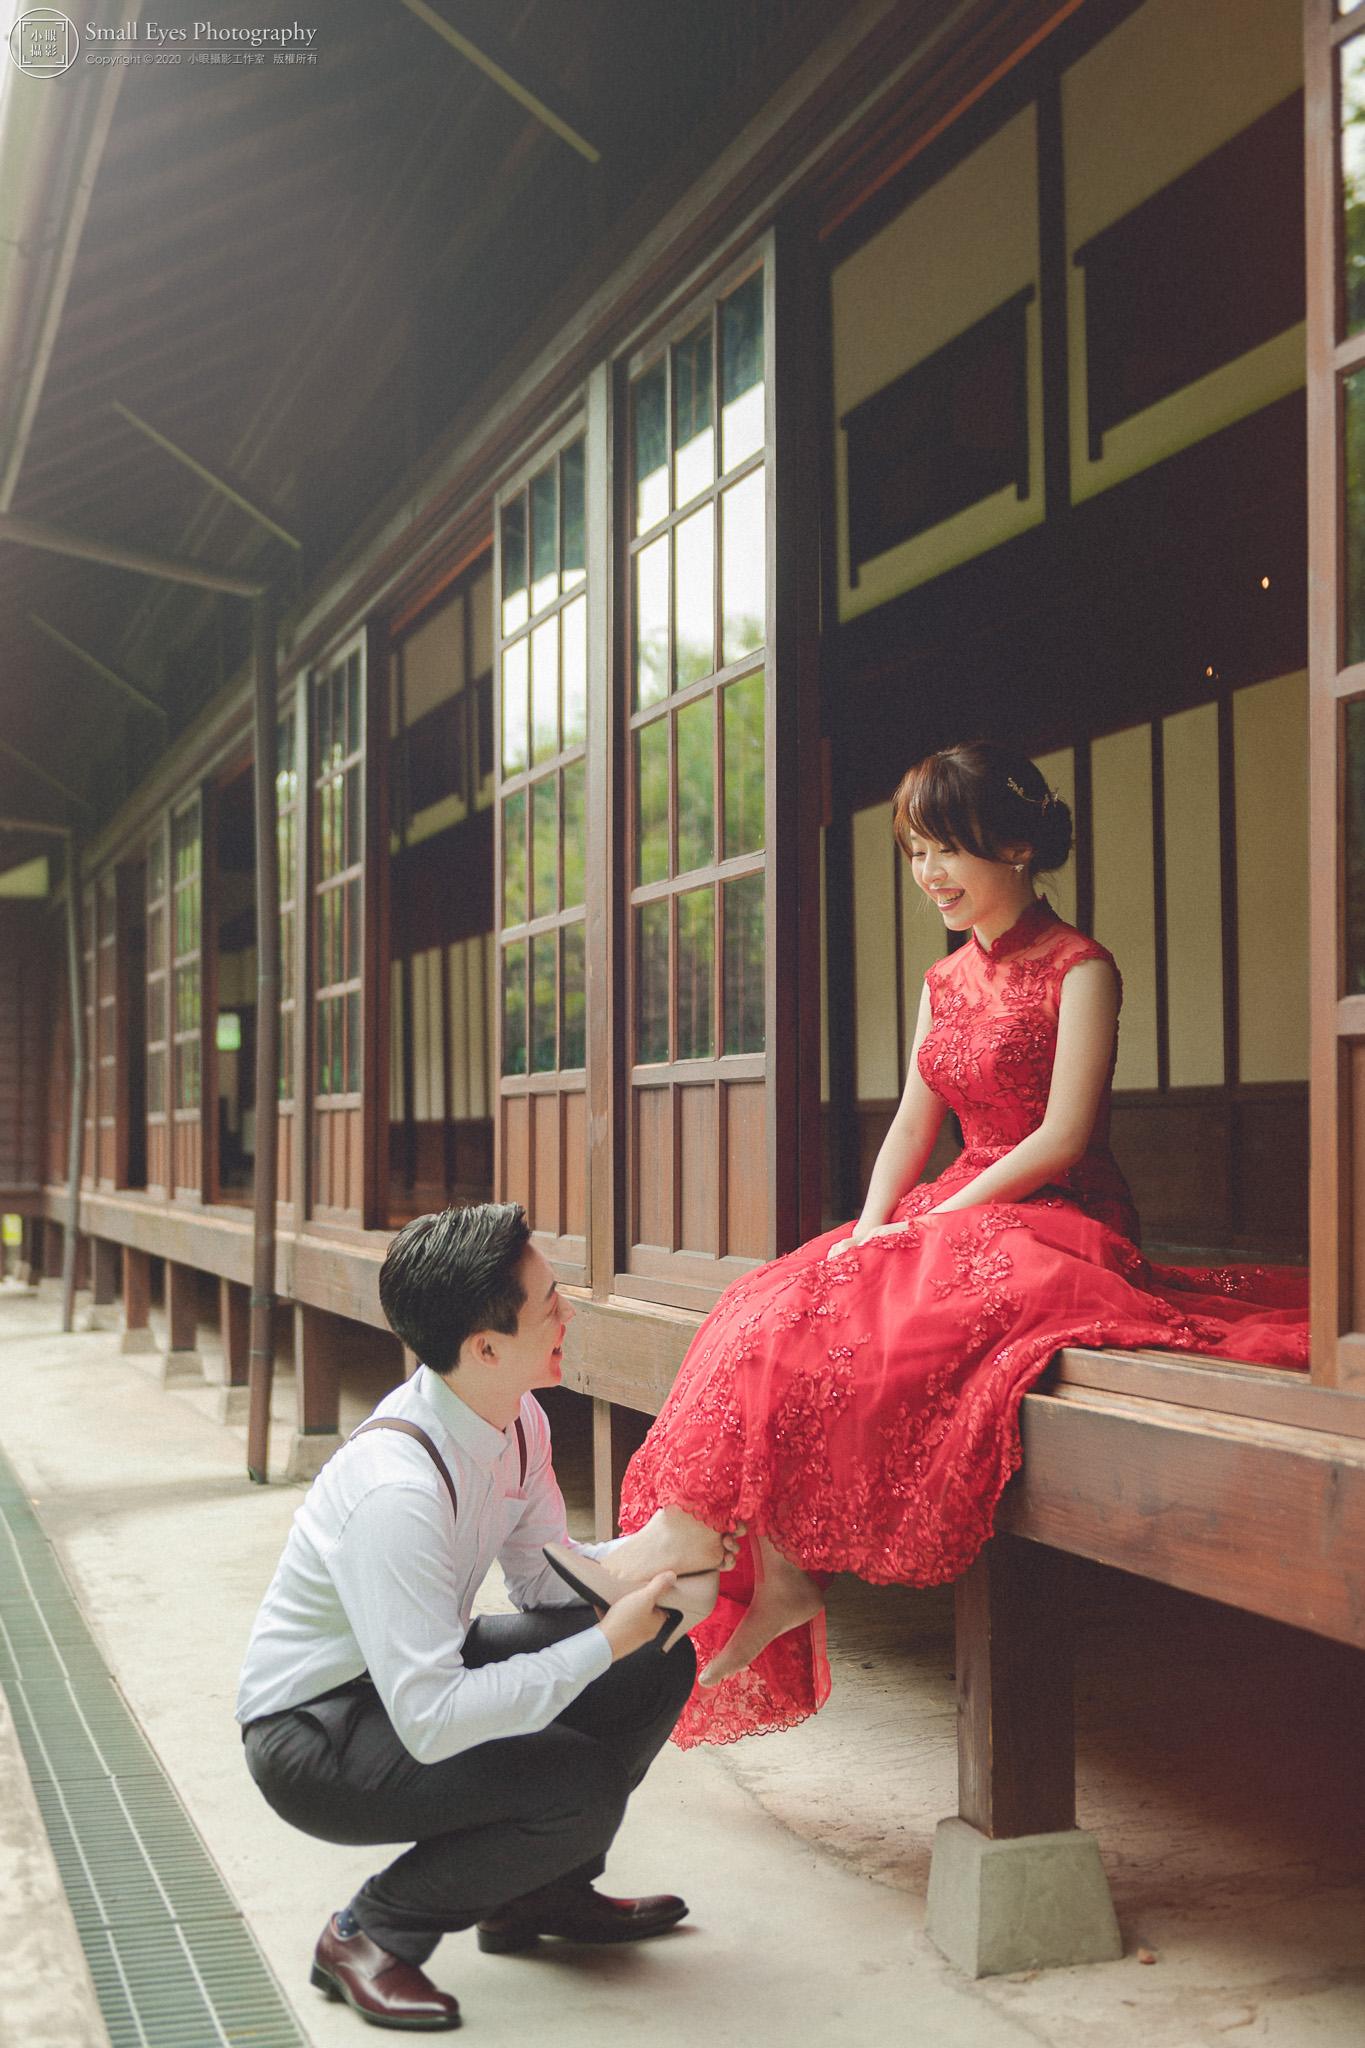 小眼攝影,自助婚紗,婚攝,婚紗攝影,新秘瓜瓜,吉兒婚紗,台灣,台北,中正區,紀州庵,古典